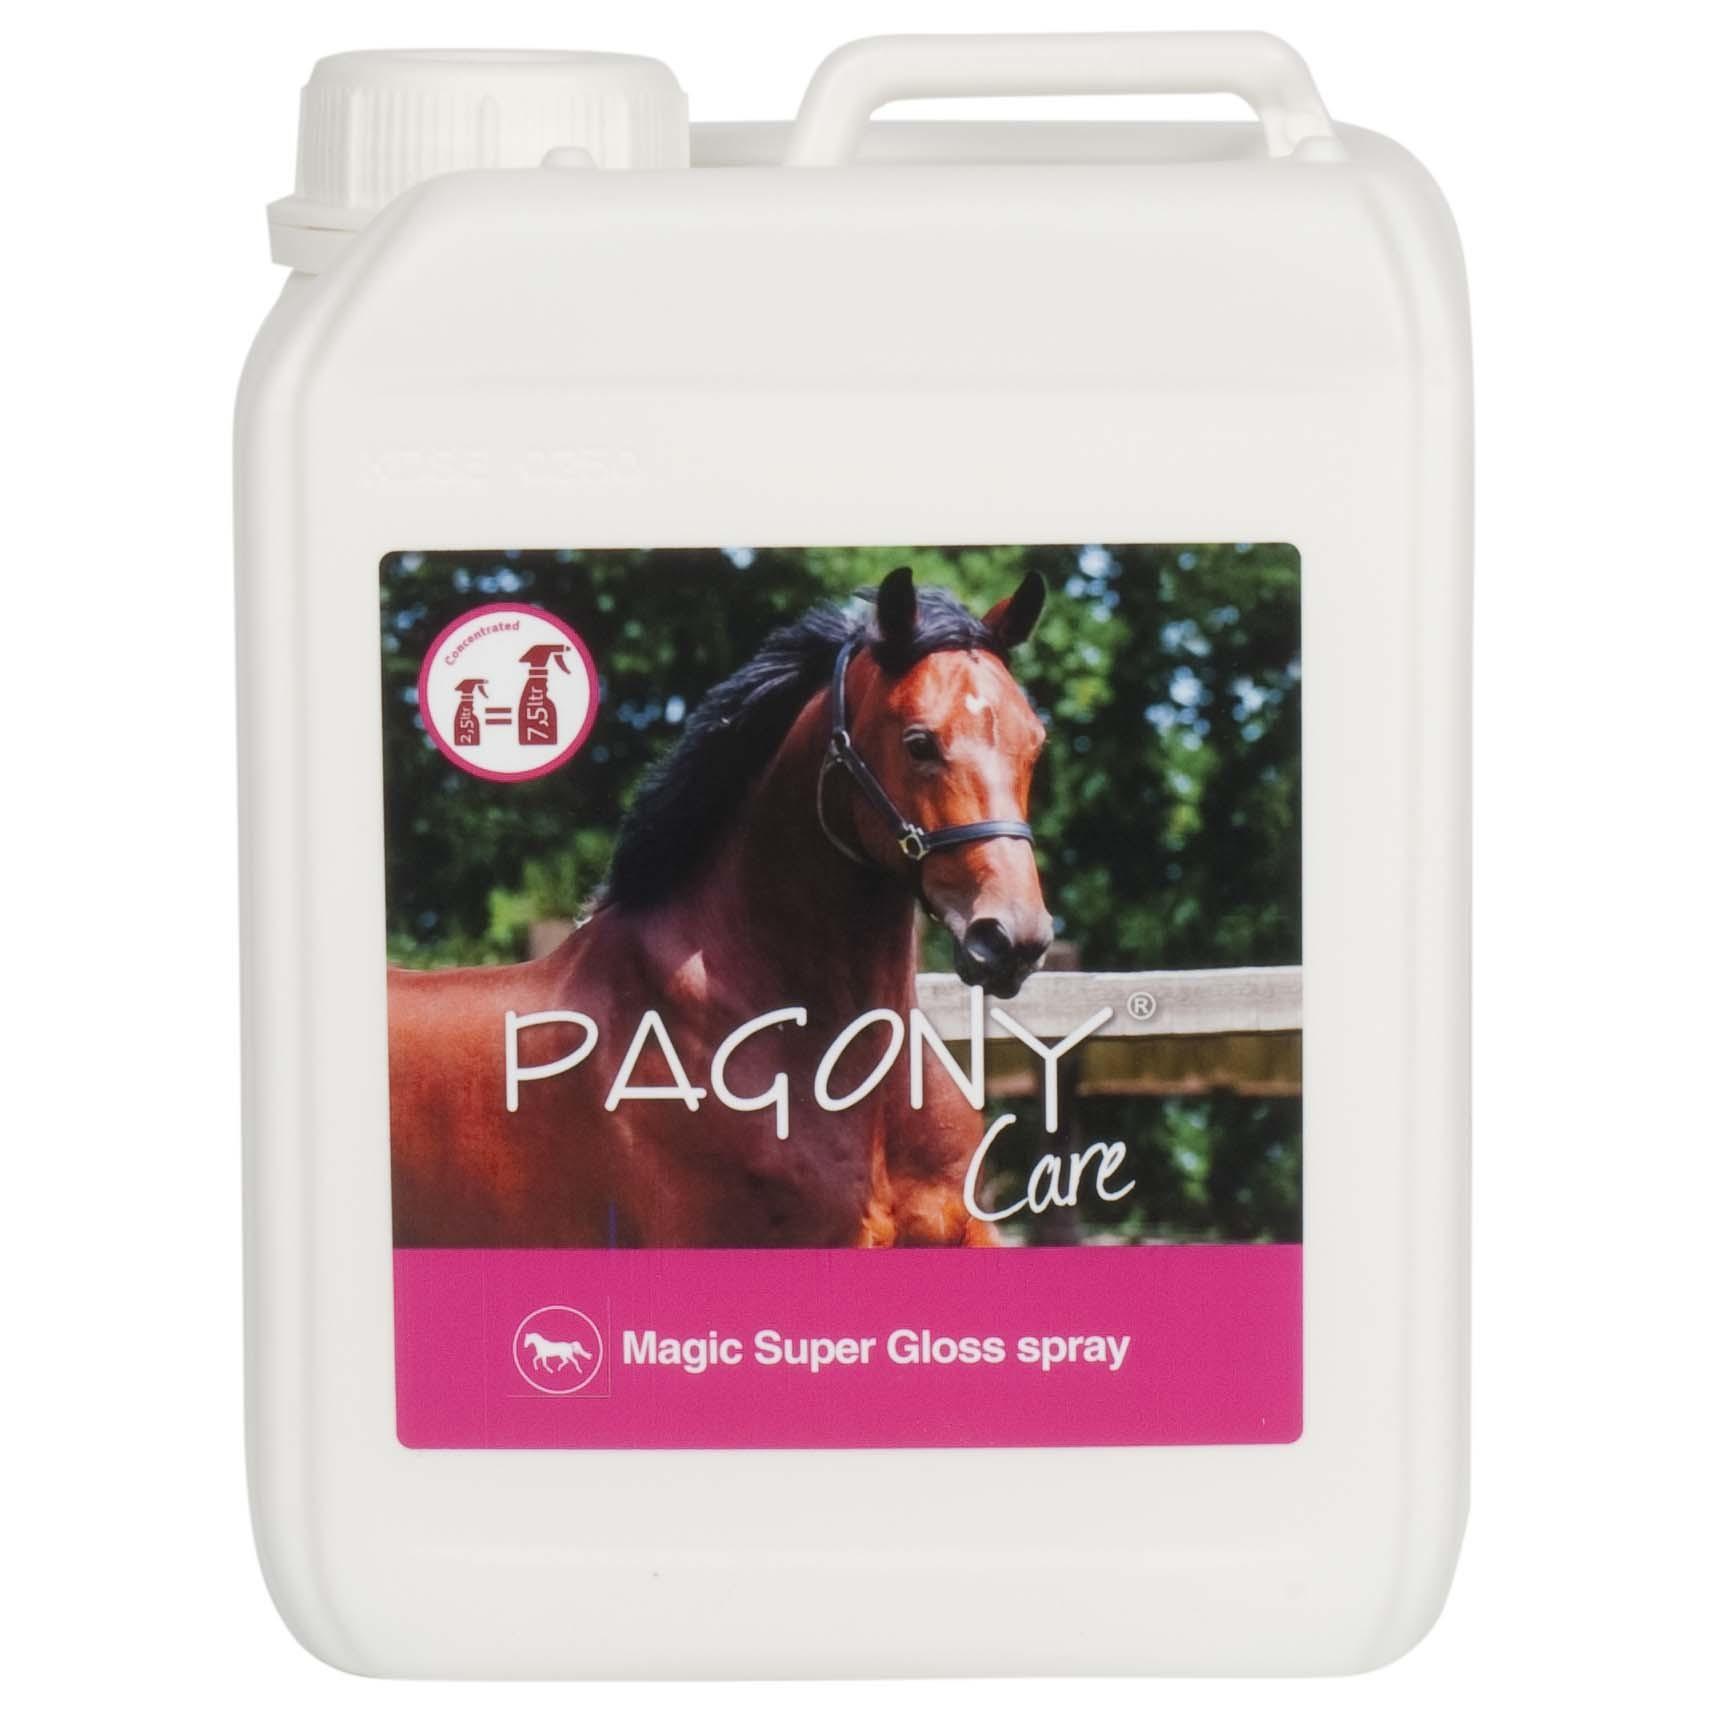 Pagony Magic Super Gloss Spray 61174